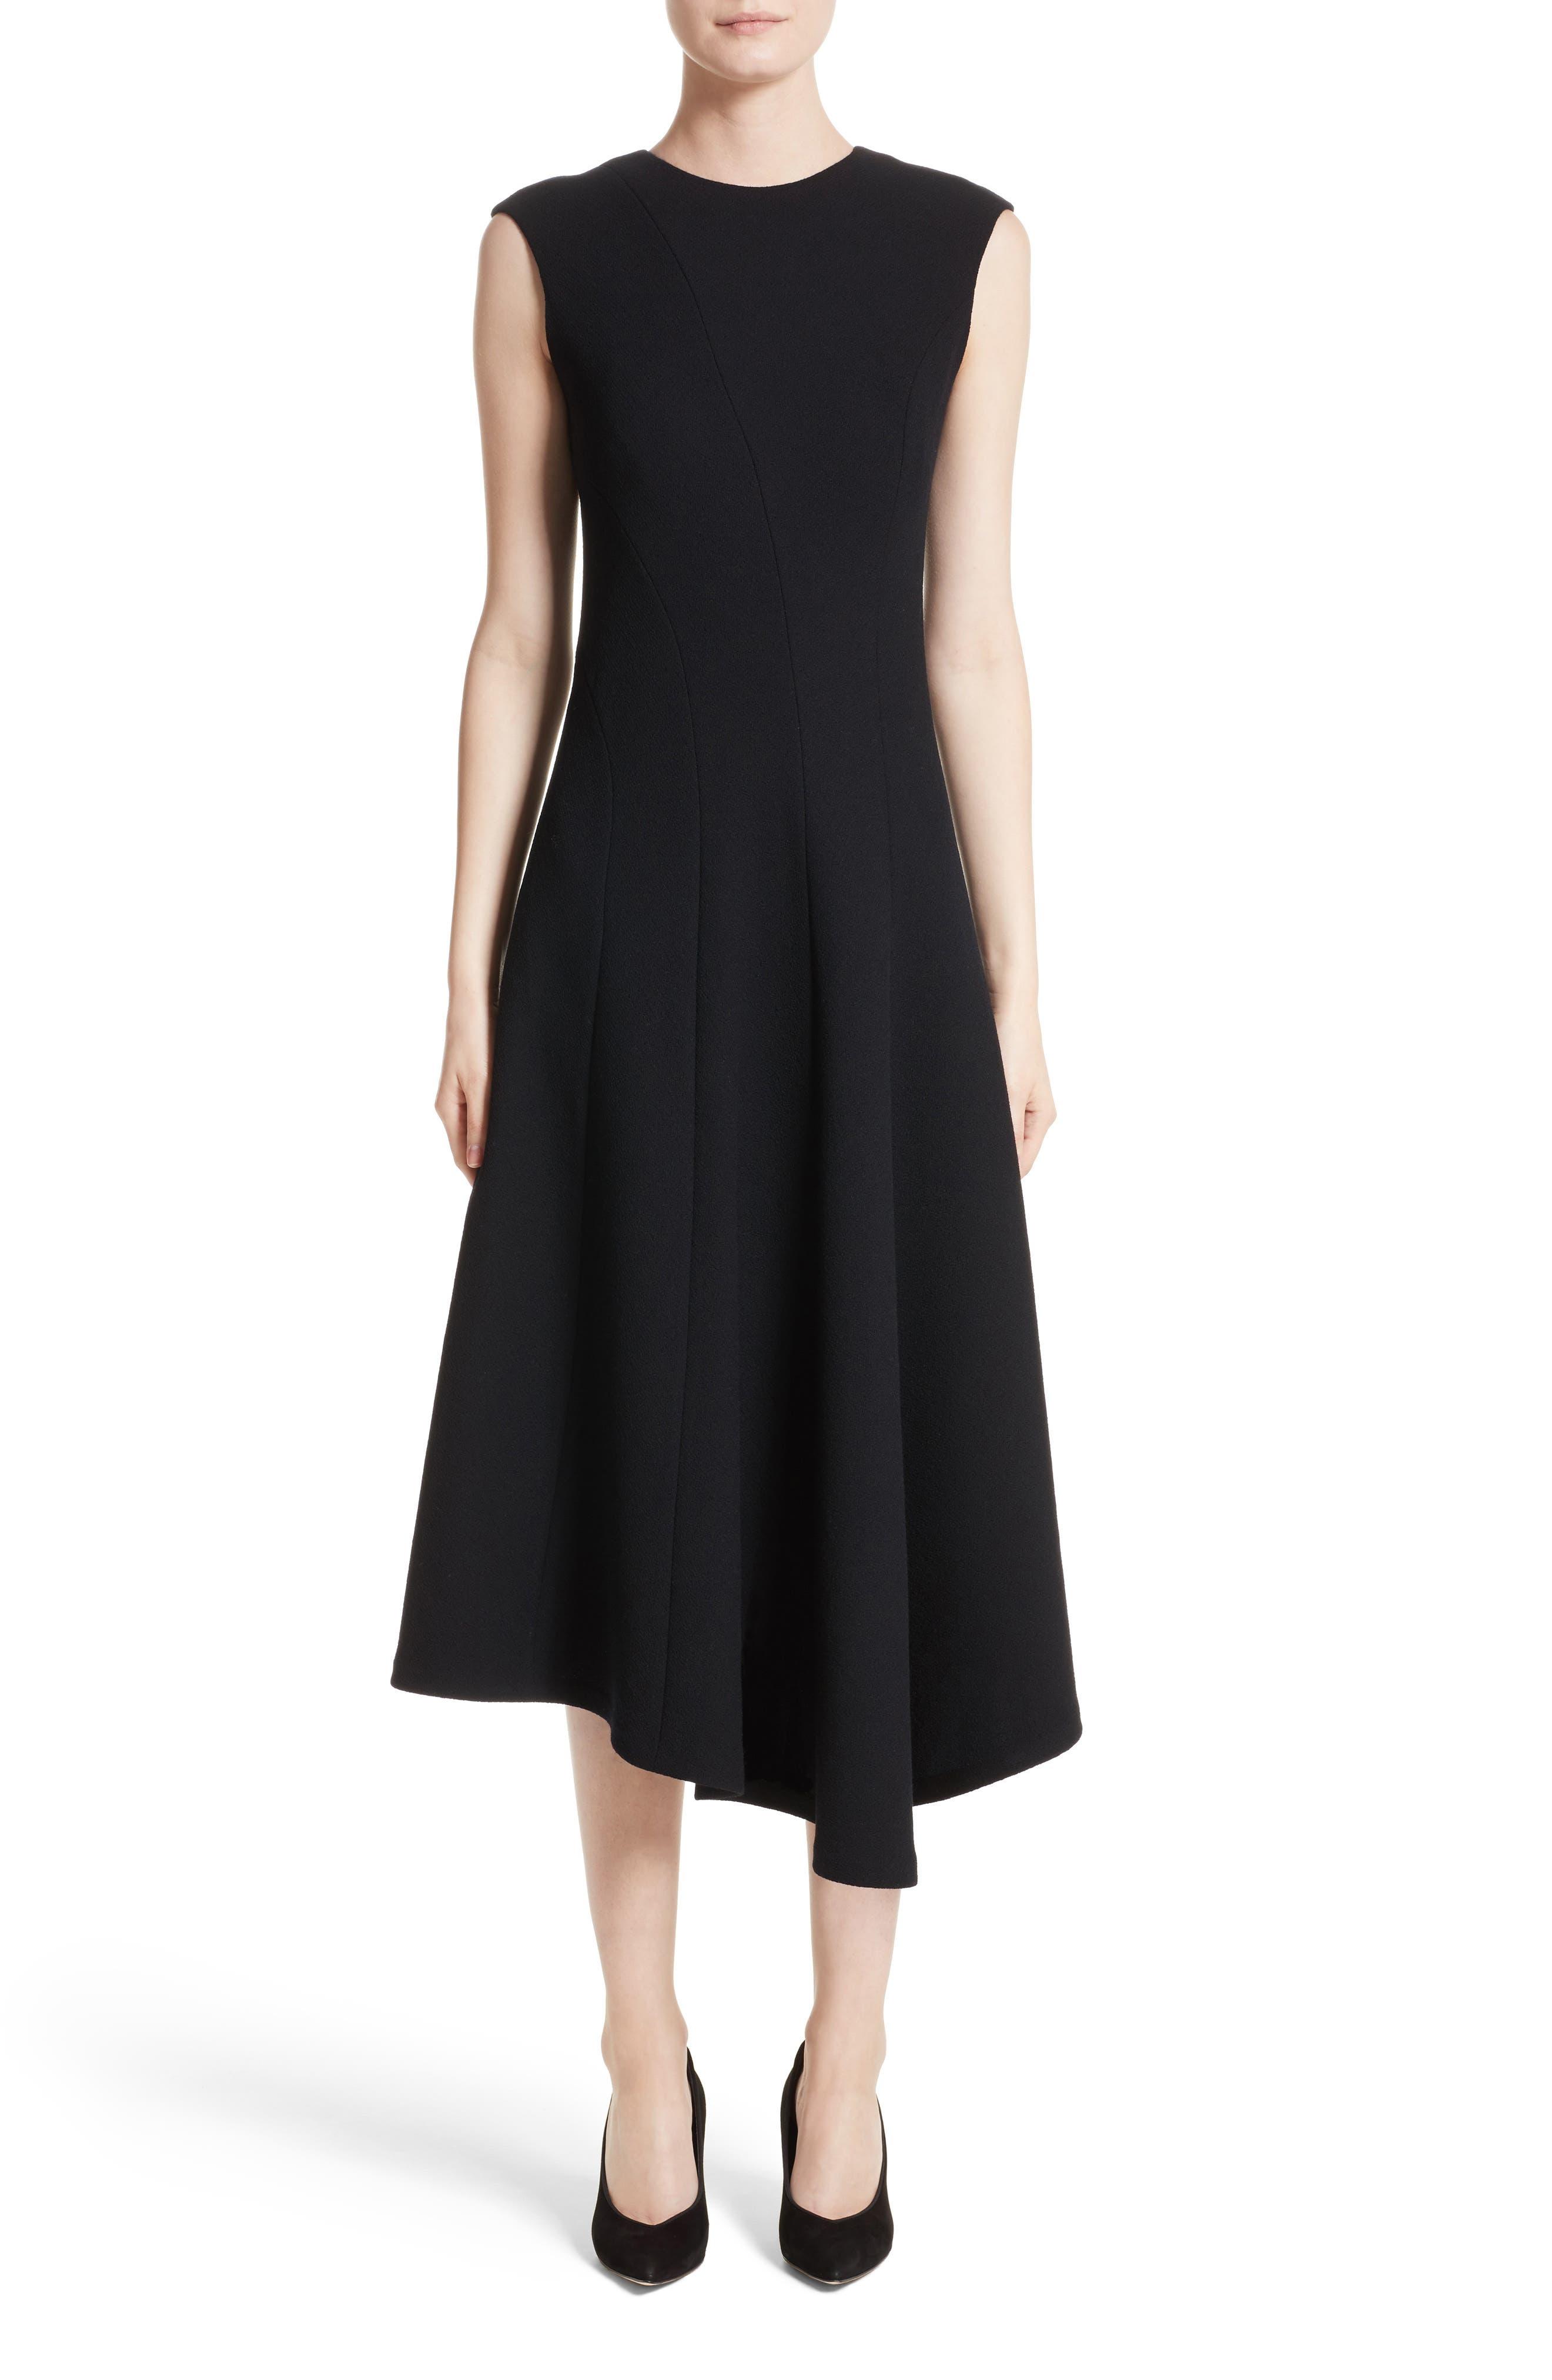 Lafayette 148 New York Aveena Wool Interlock Dress